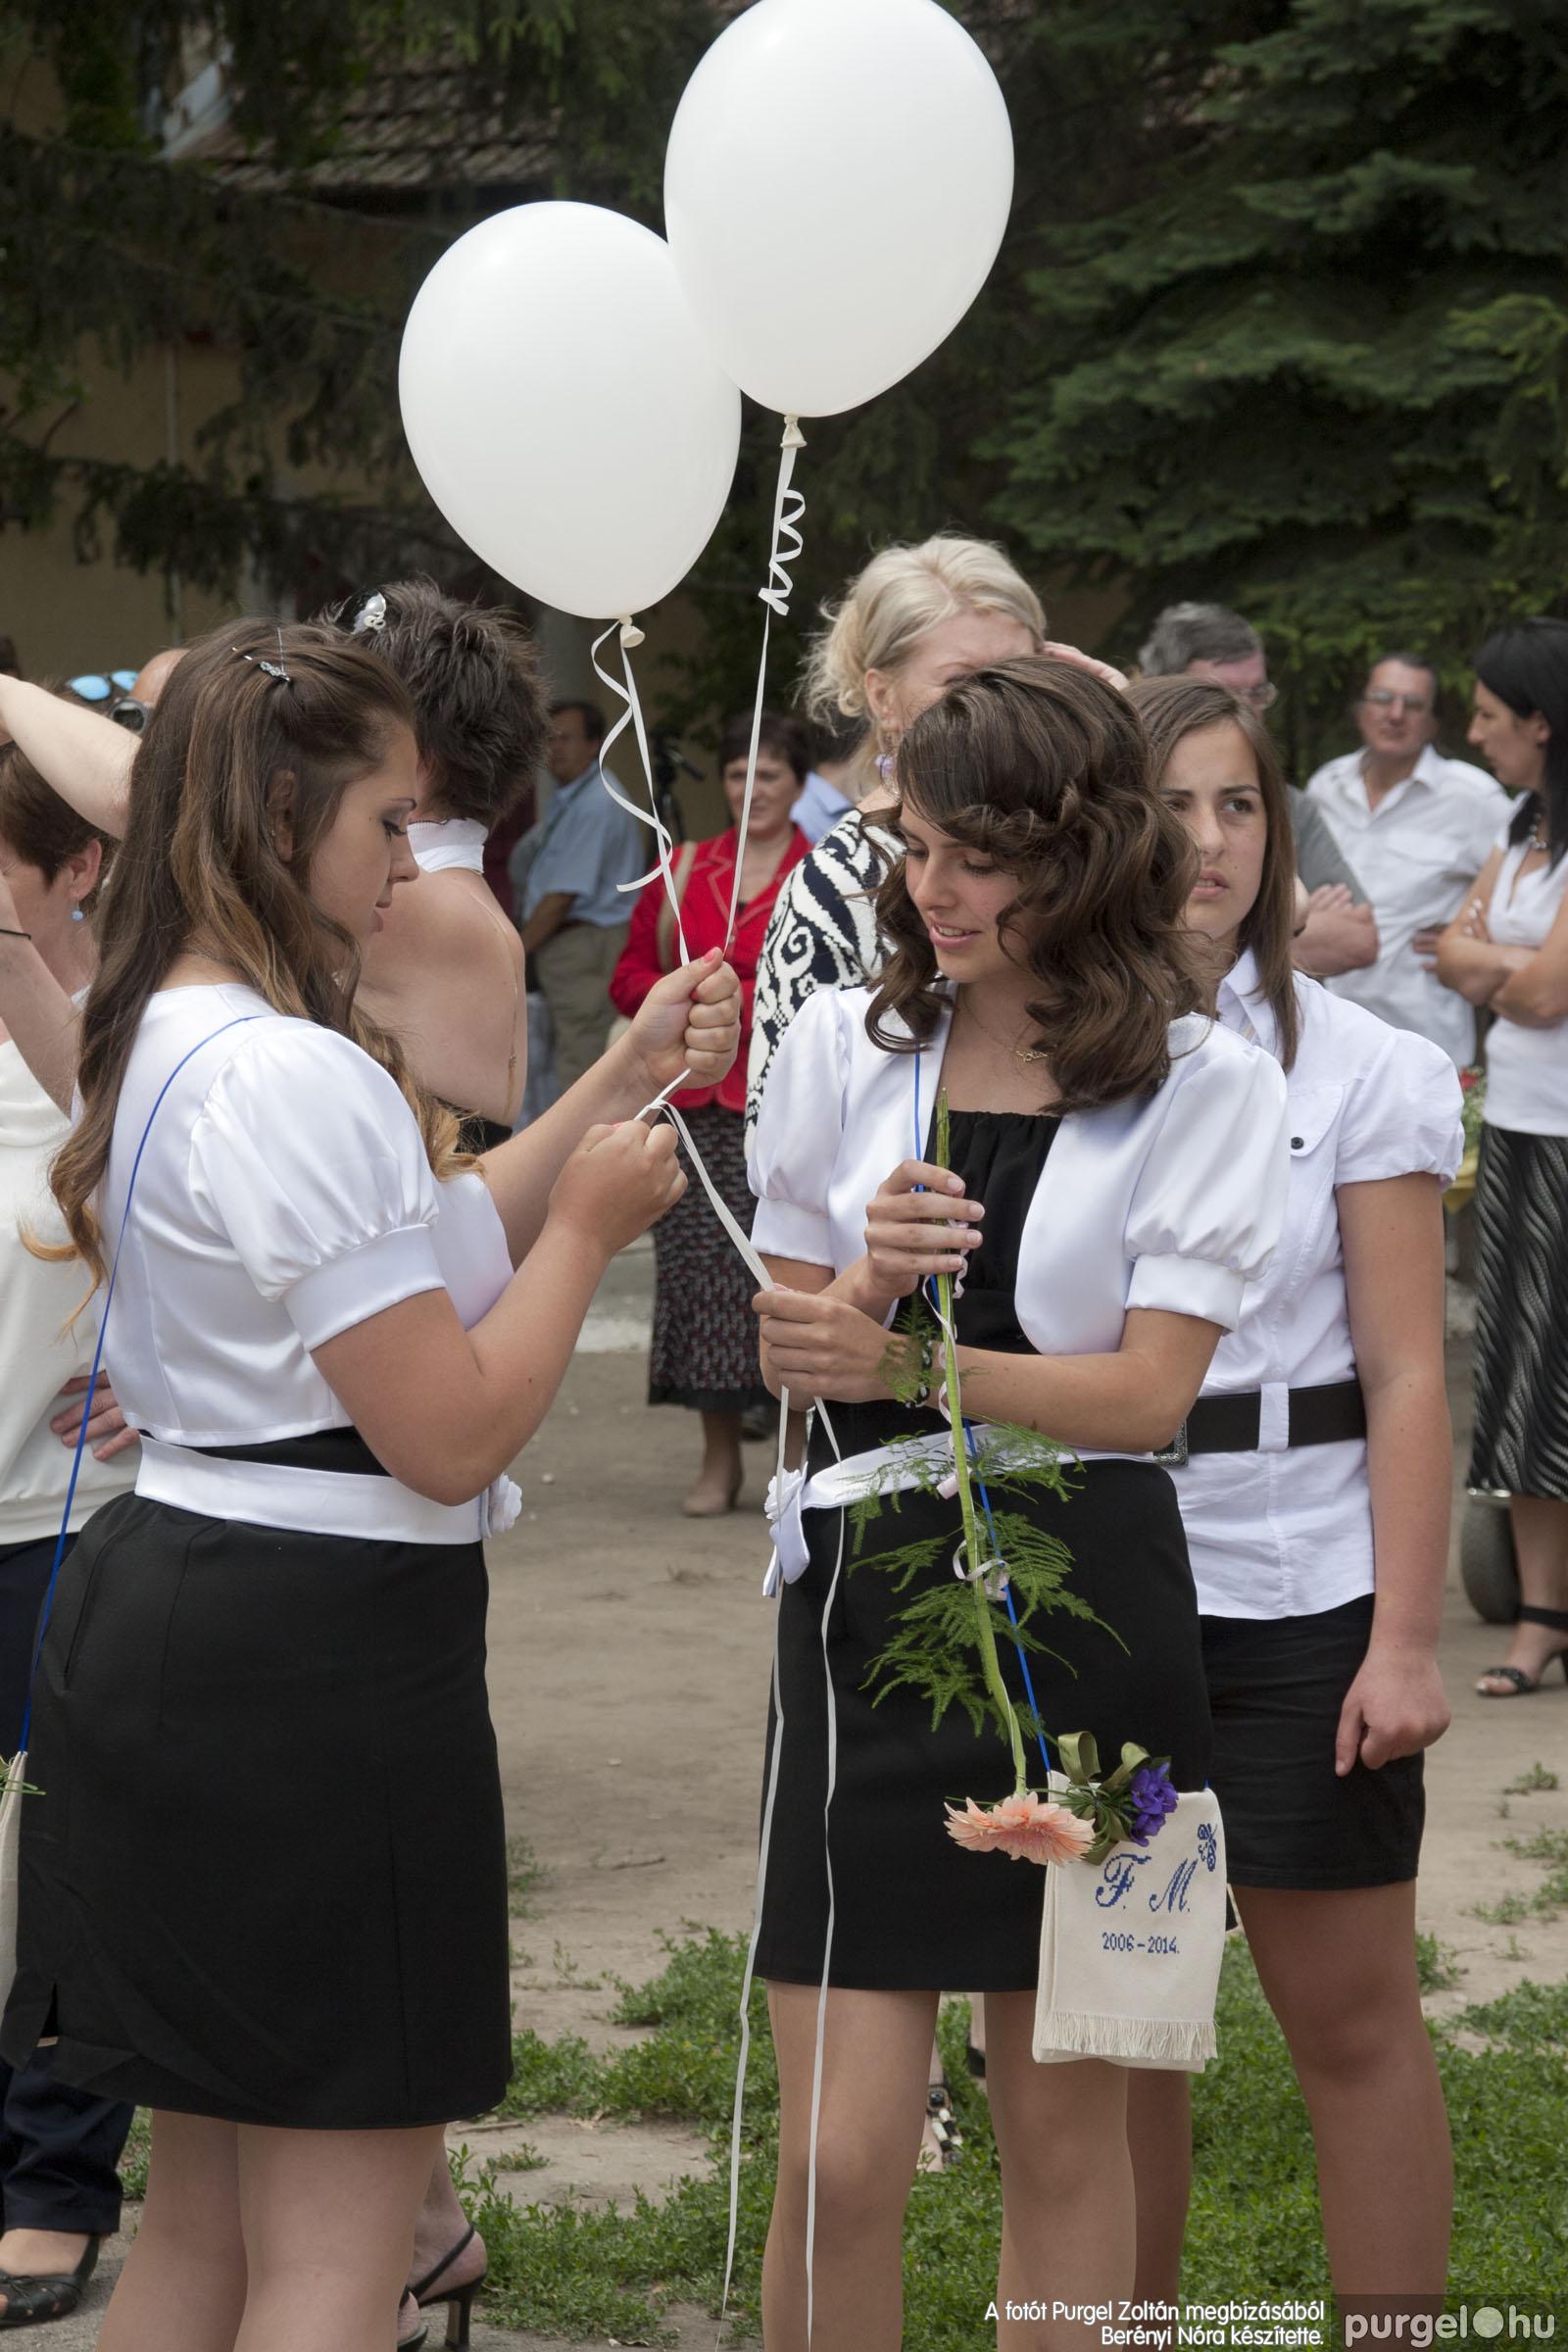 2014.06.14. 341 Forray Máté Általános Iskola ballagás 2014. - Fotó:BERÉNYI NÓRA© _MG_6076